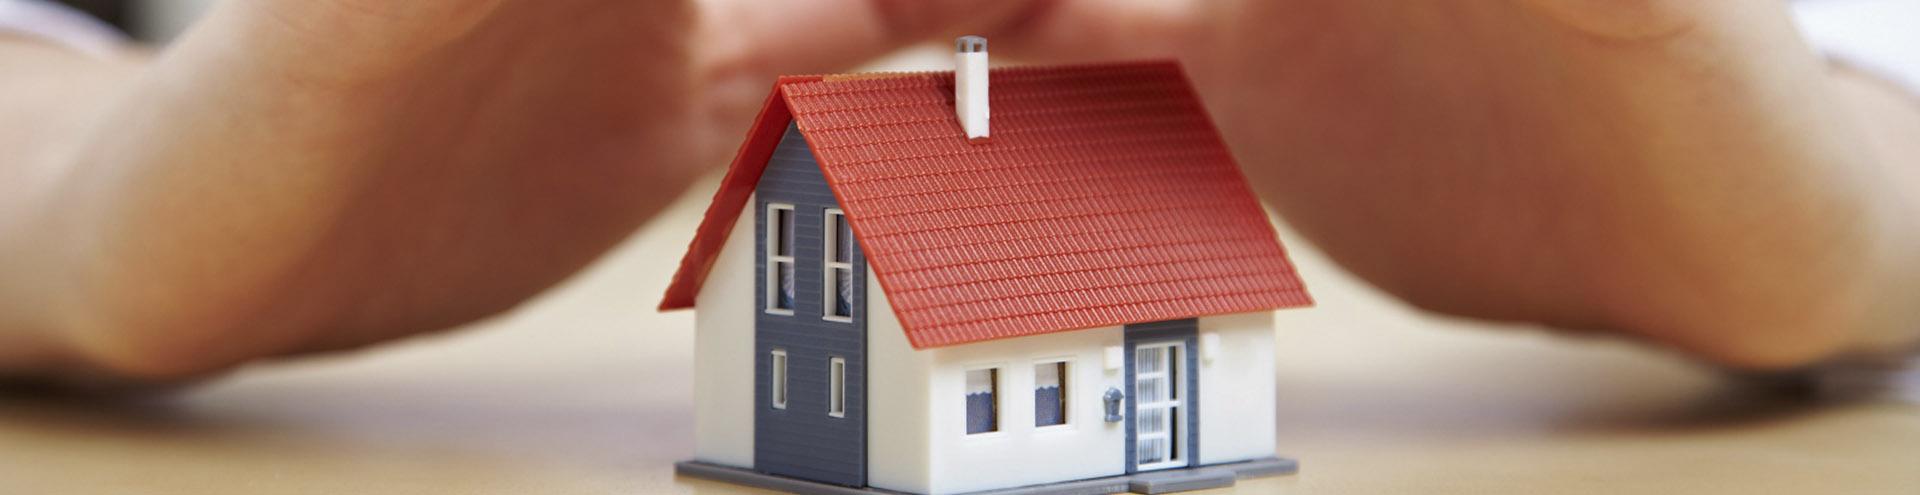 Жилищные споры, разрешение жилищных споров в Самаре и Самарской области